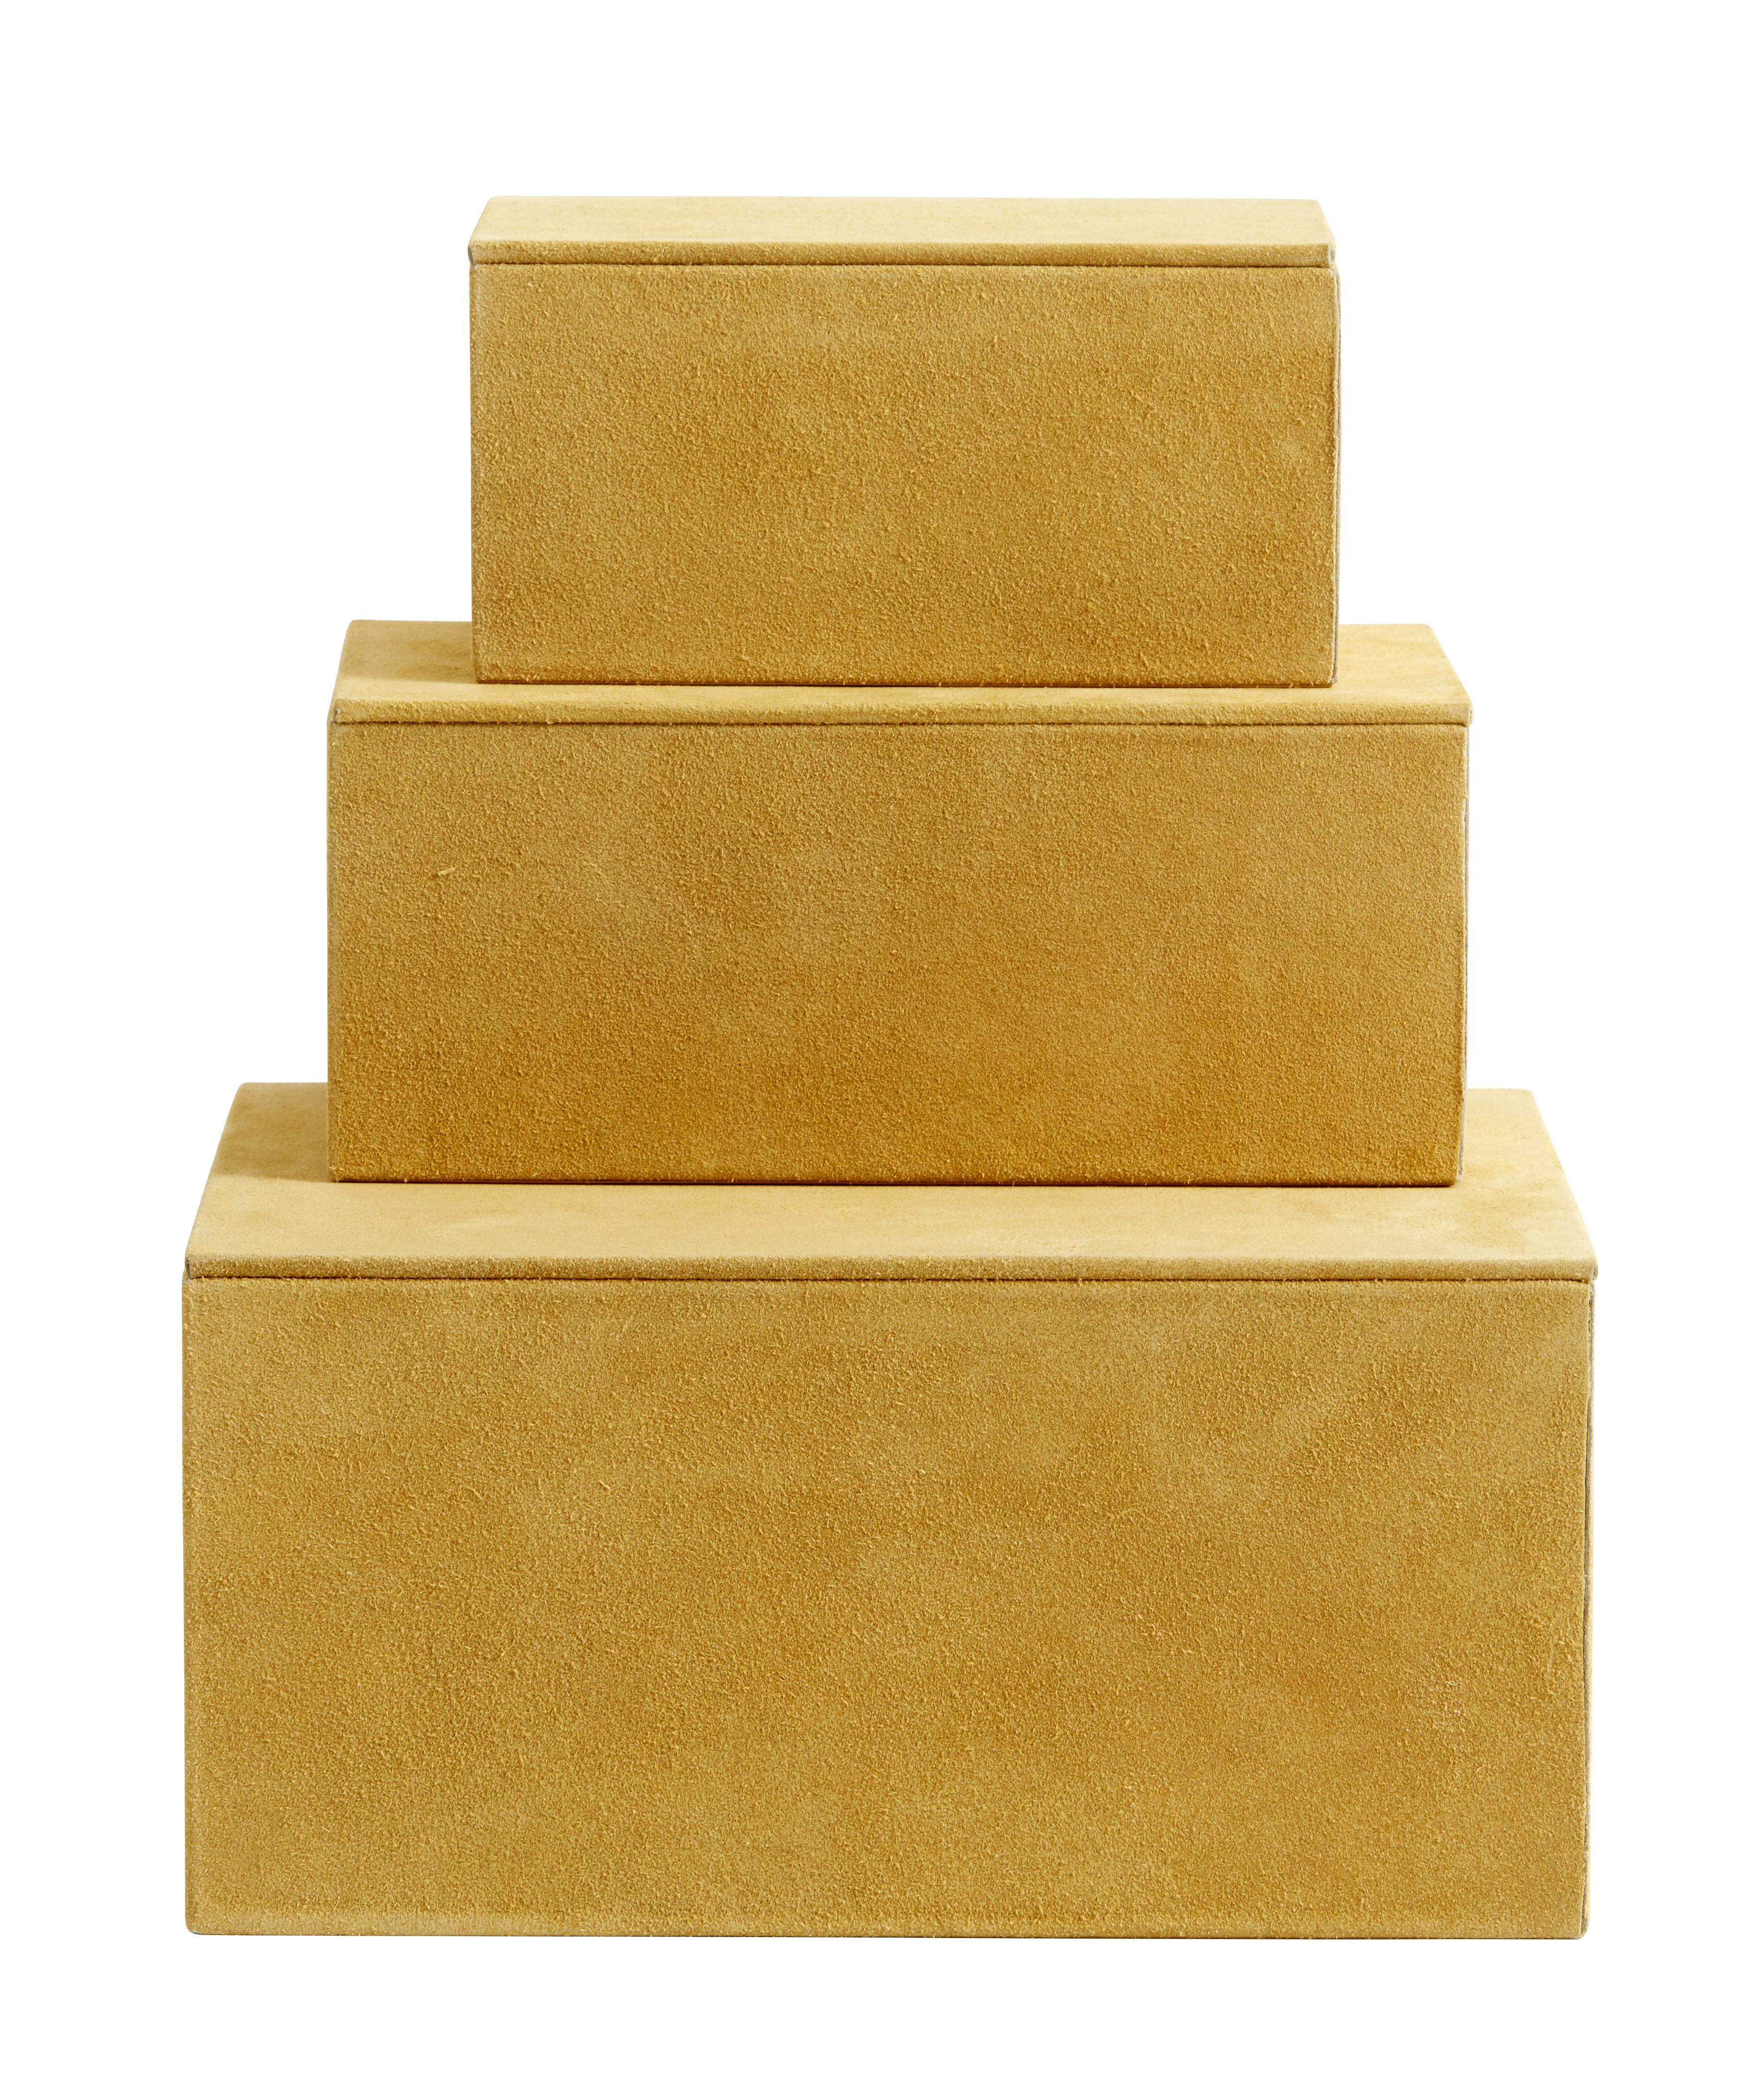 Box Mocka Läder Gul Set av 3